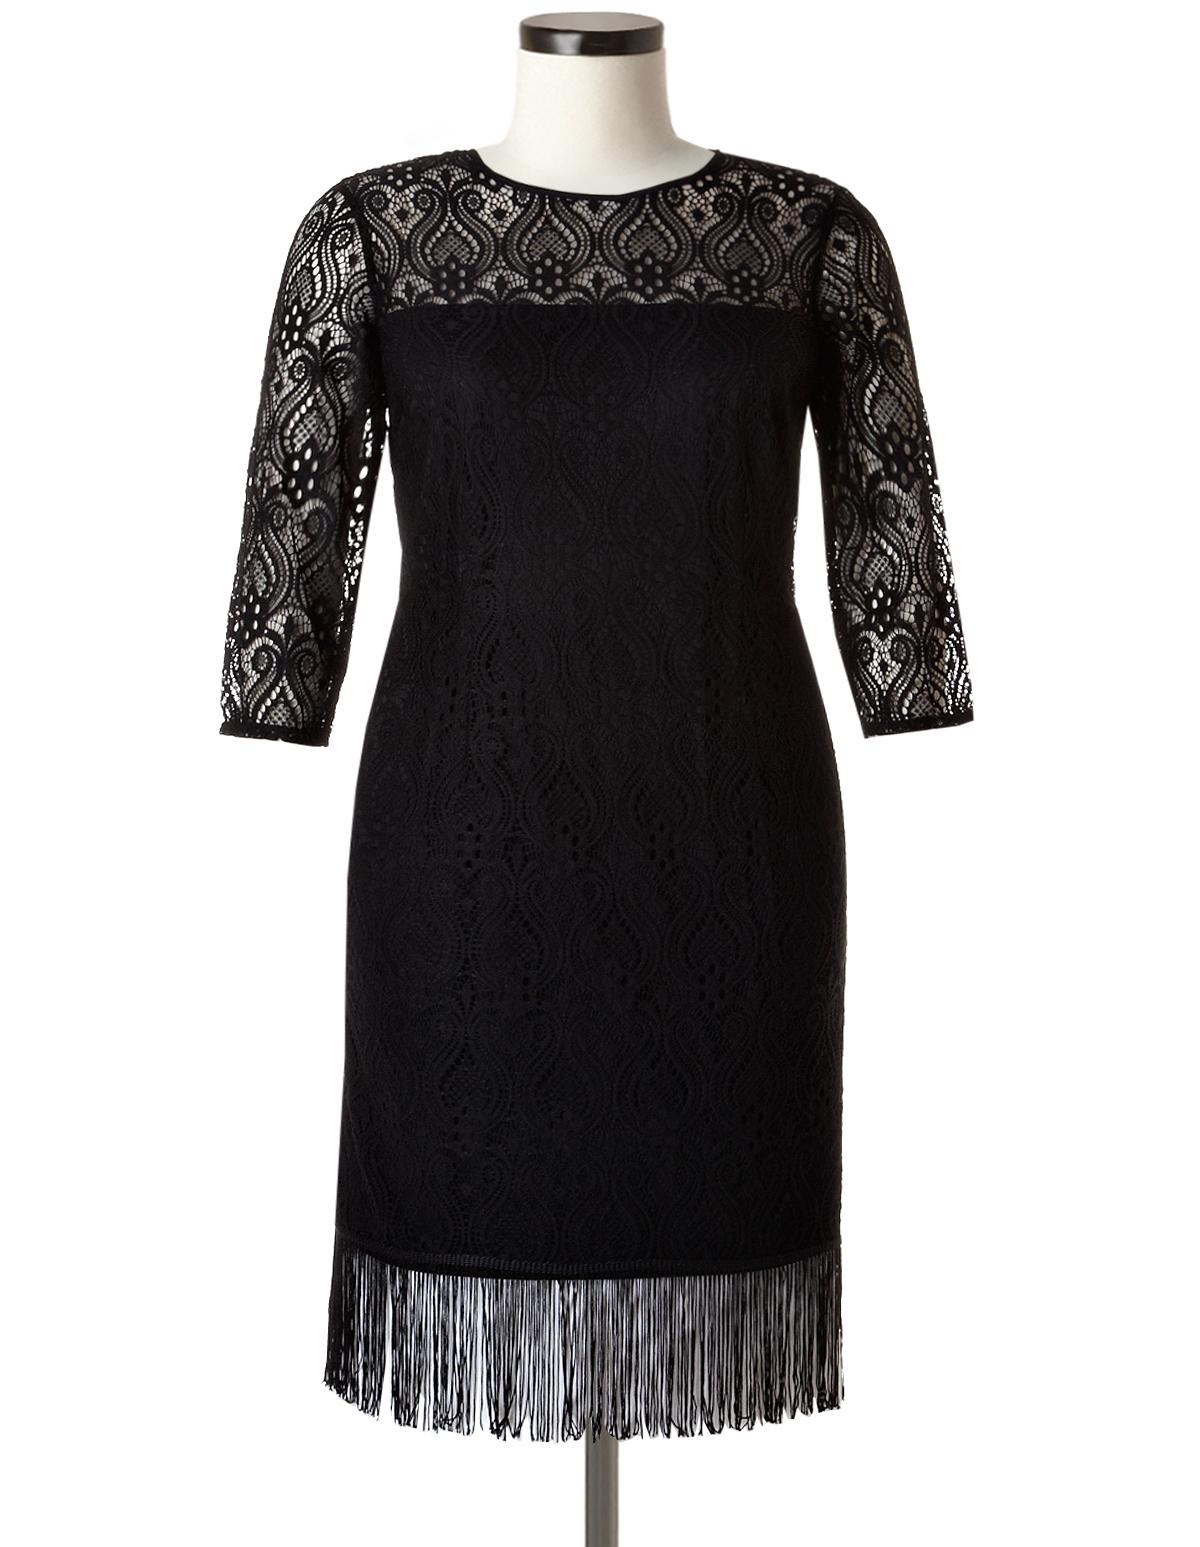 Plus Size Lace Fringe Sheath Dress | Cleo